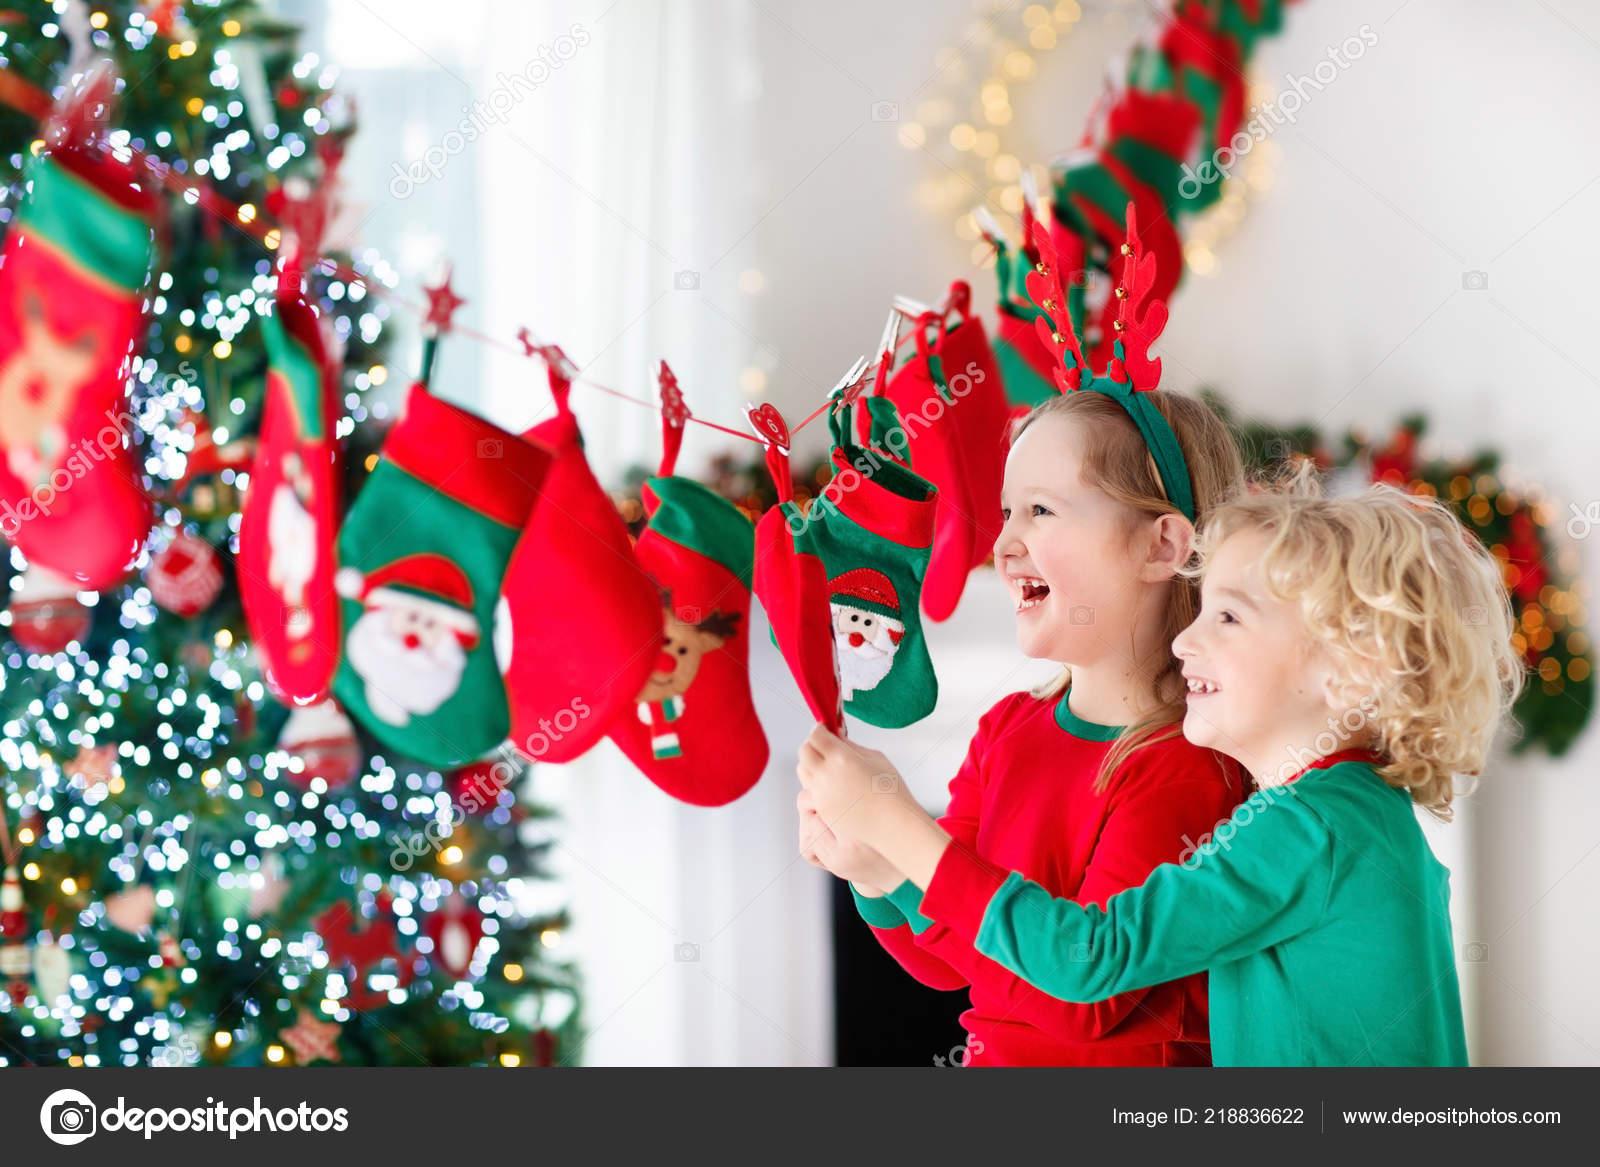 Weihnachtsgeschenke Für Familie.Kinder Weihnachtsgeschenke öffnen Kind Auf Der Suche Nach